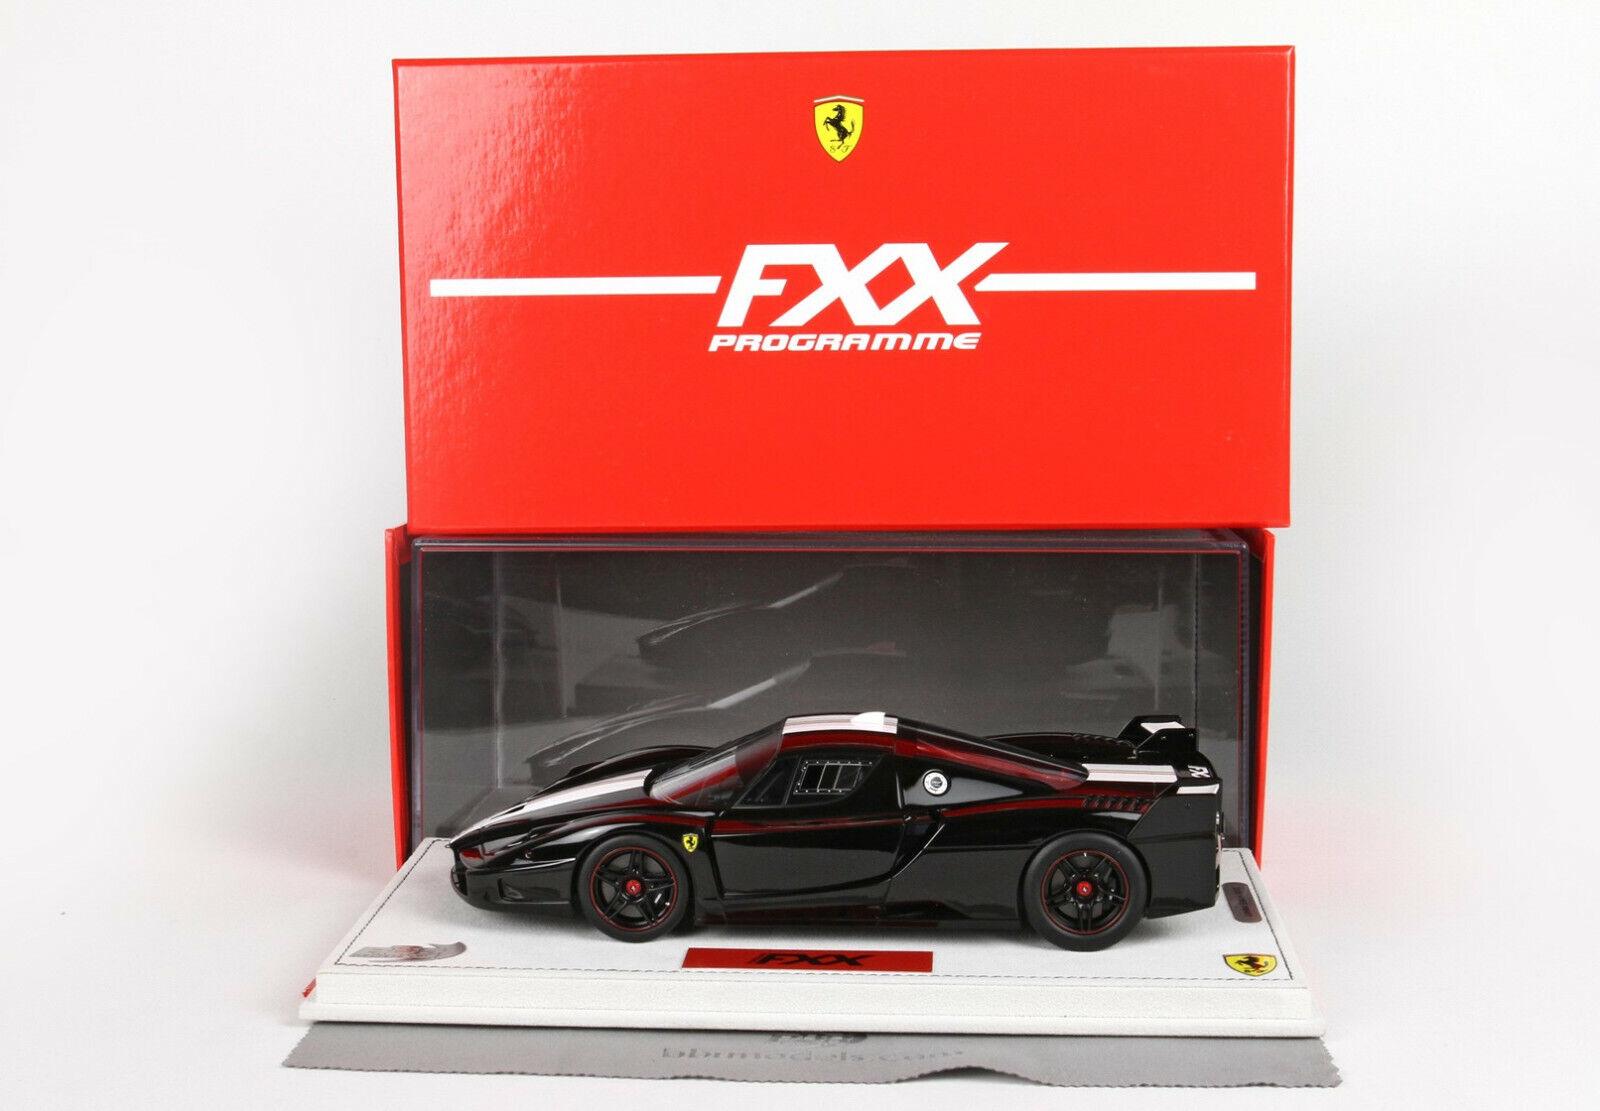 Ferrari FXX negro DS DS DS  1 18 lim.ed.15 pcs Display FXX03B BBR MODELS  tienda de venta en línea